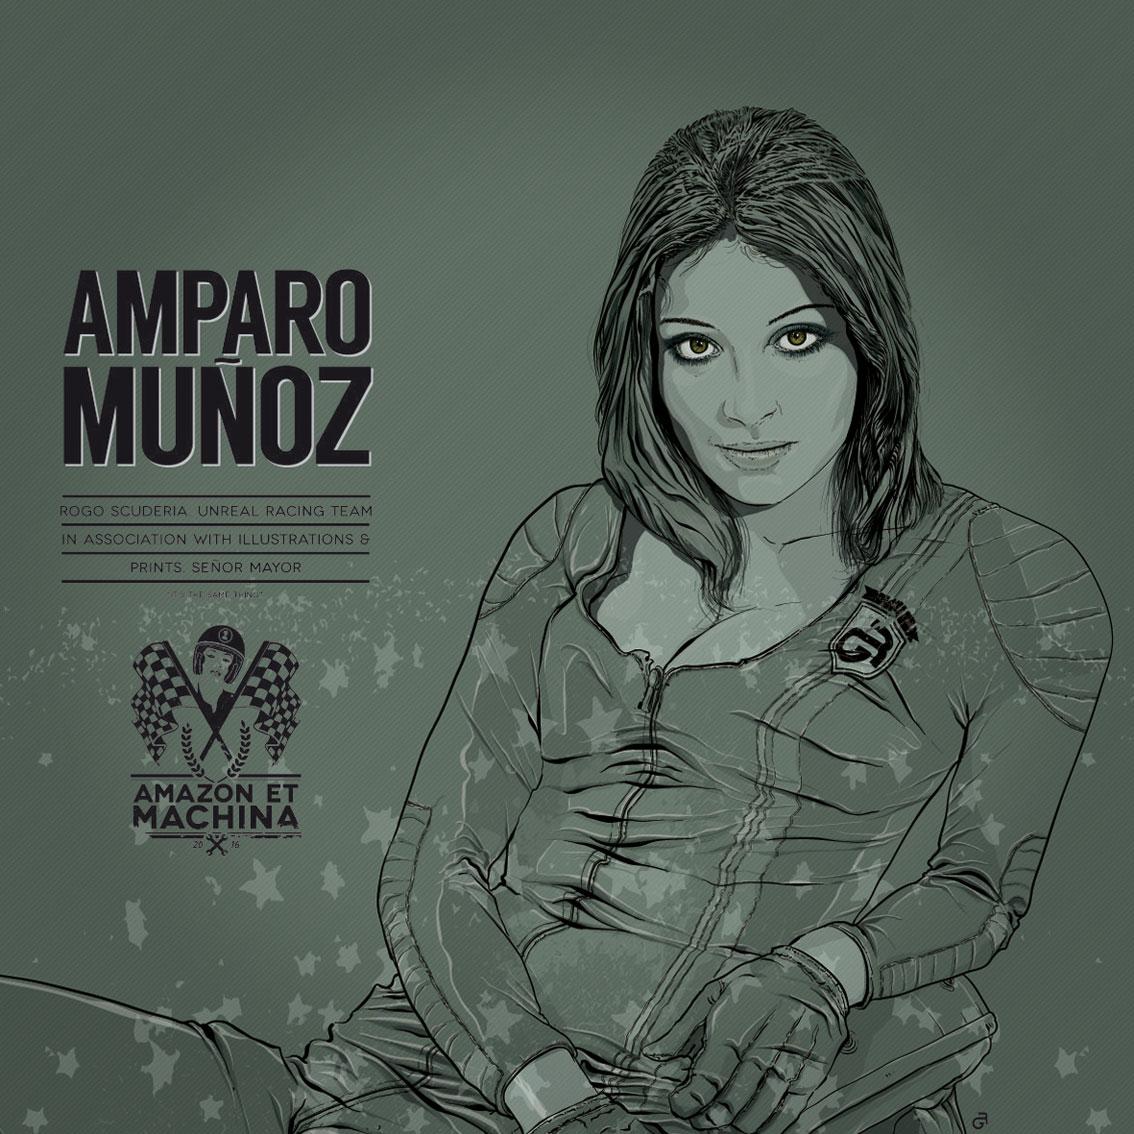 Amparo Muñoz Quesada Fotos amparo y su ossa yankee - señor mayor